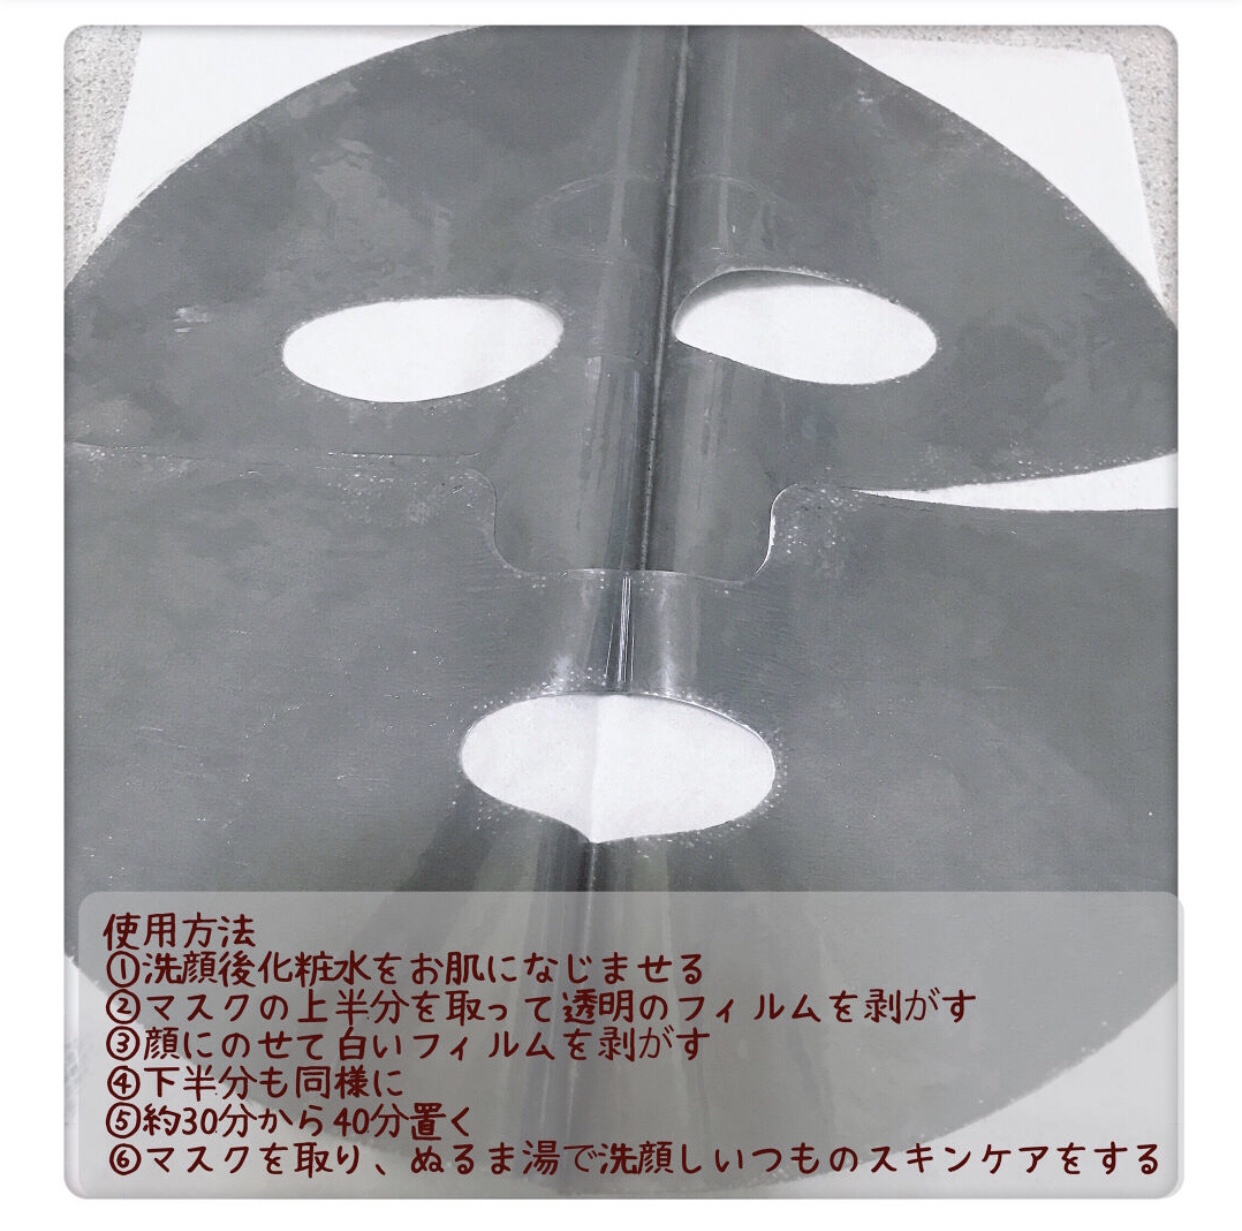 BARULAB(バルラボ) ブラック クレイ マスクを使ったMarukoさんのクチコミ画像2